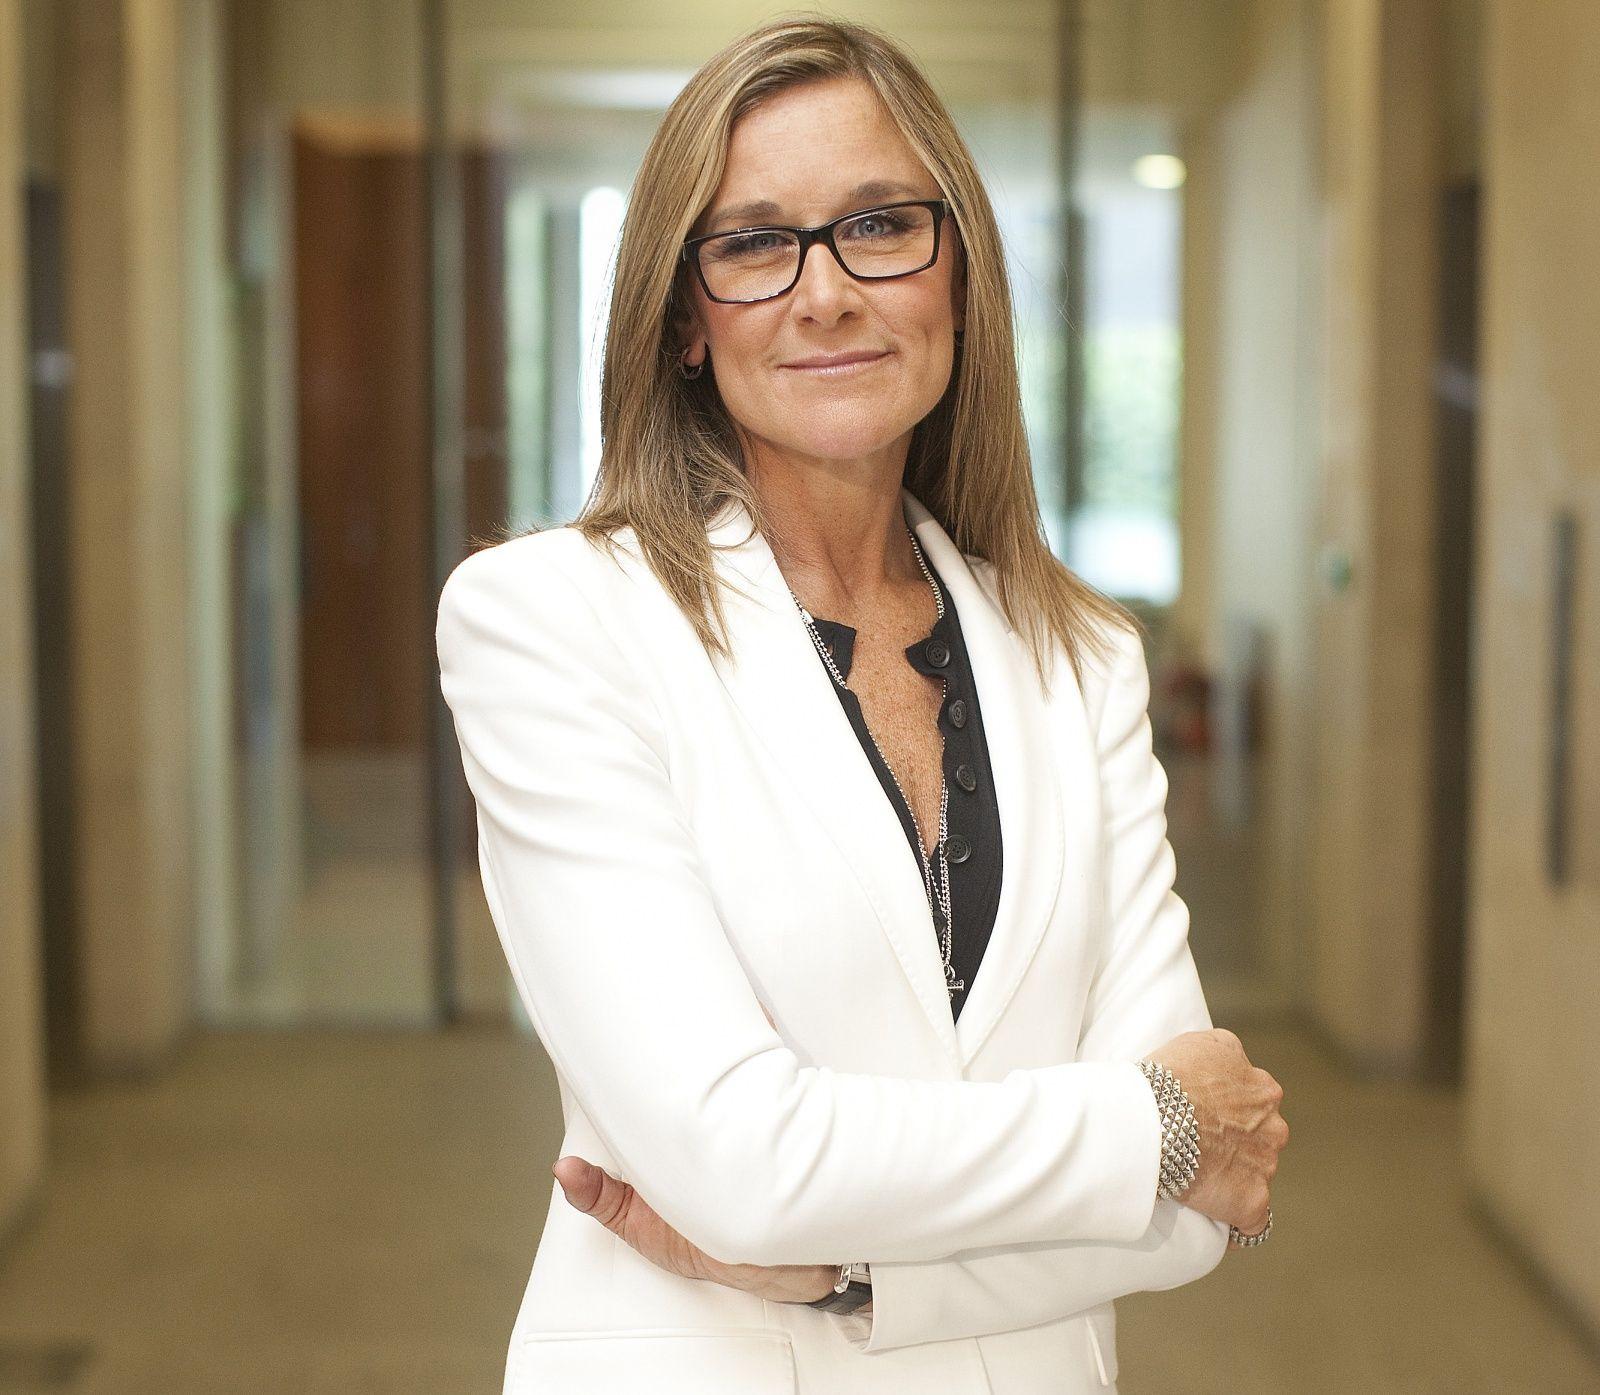 Angela Ahrendts lascia Burberry e va alla guida dei negozi Apple